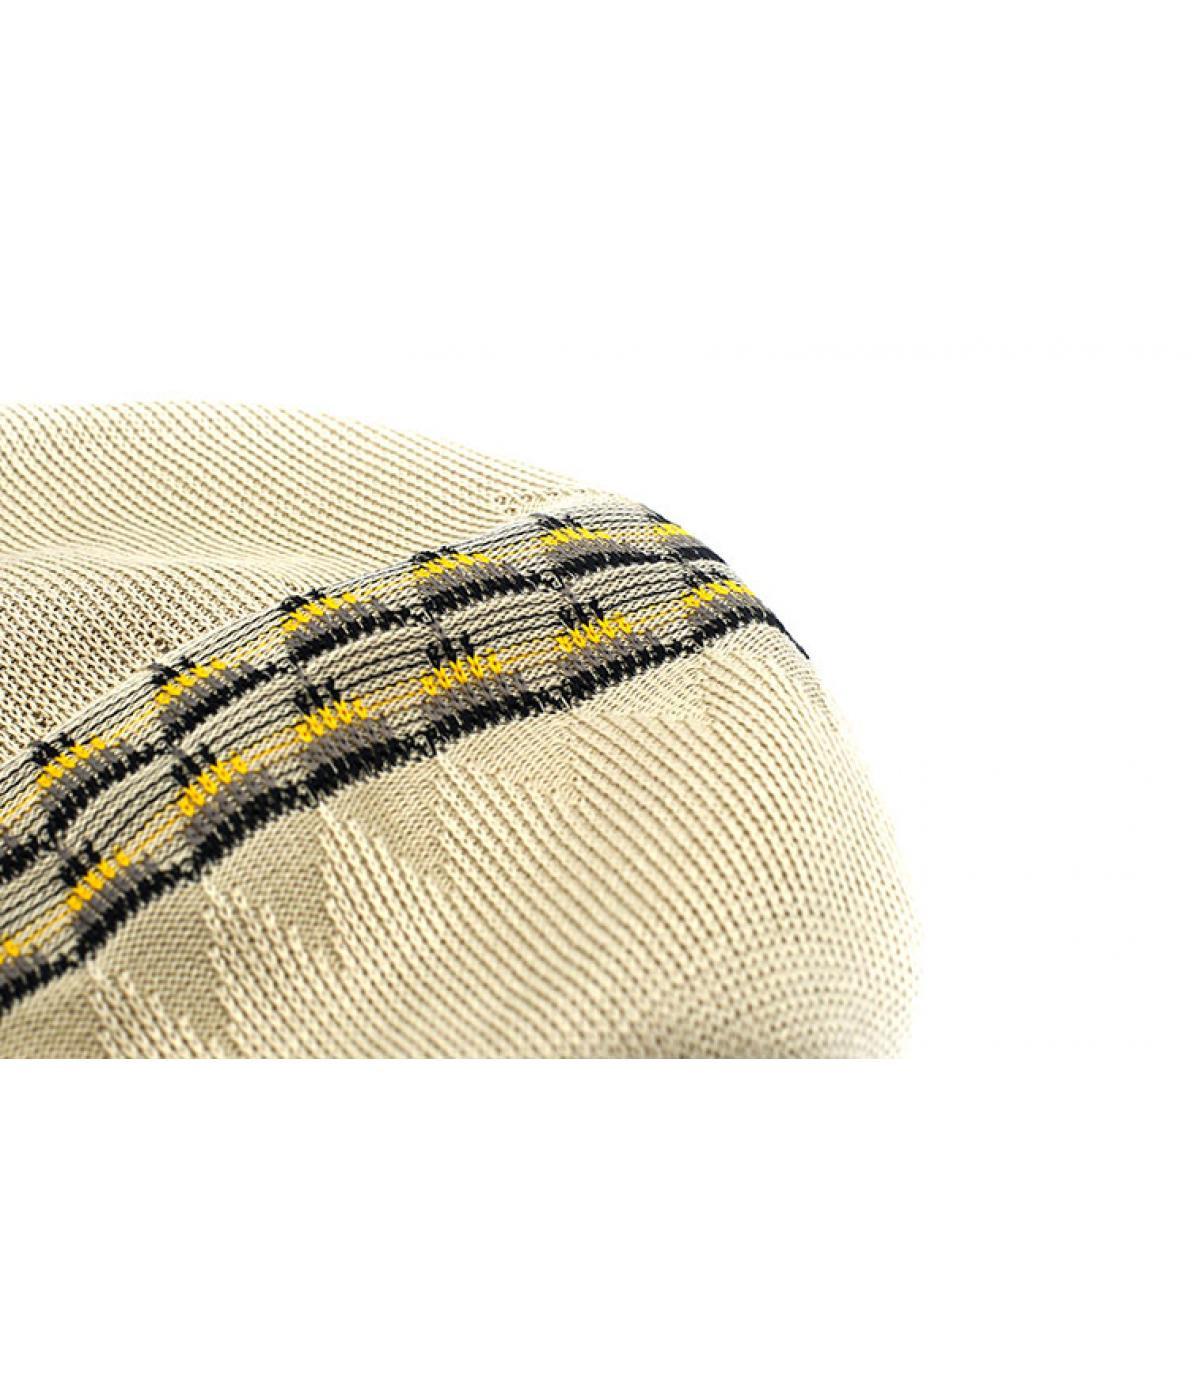 Dettagli Argyle 504 beige - image 3